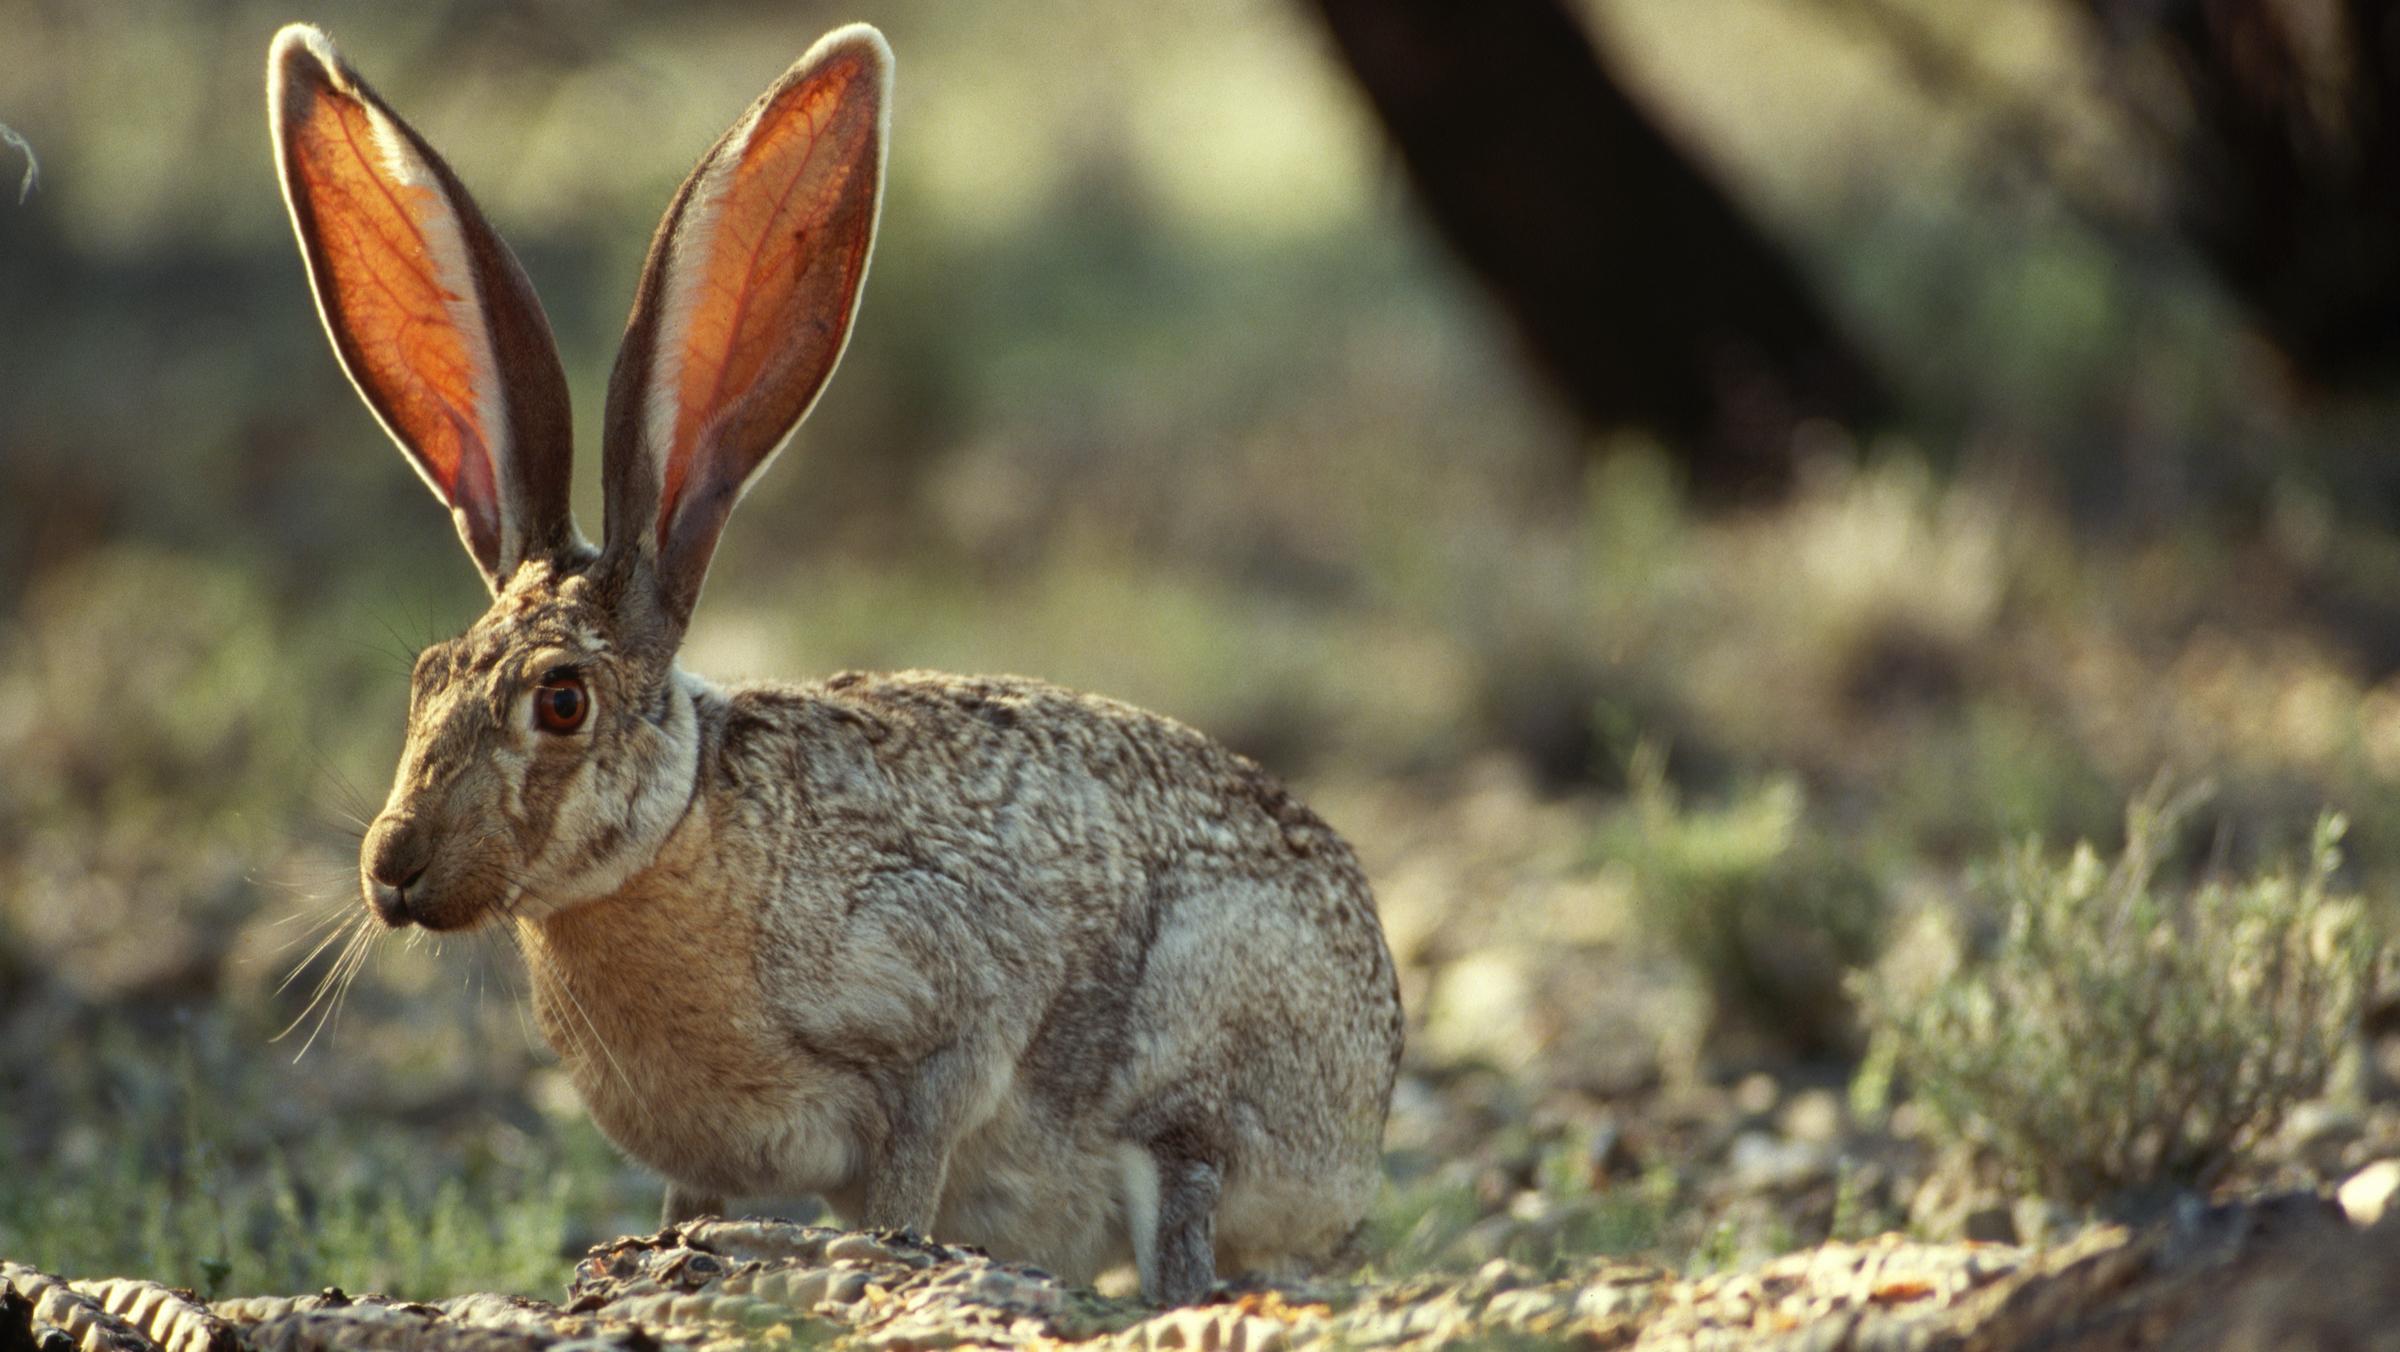 Certaines espèces de lièvres - qui vivent dans l'ouest des États-Unis, au Canada et au Mexique - ont des oreilles jusqu'à 7 pouces (18 cm) de long, soit un tiers de la longueur de leur corps.